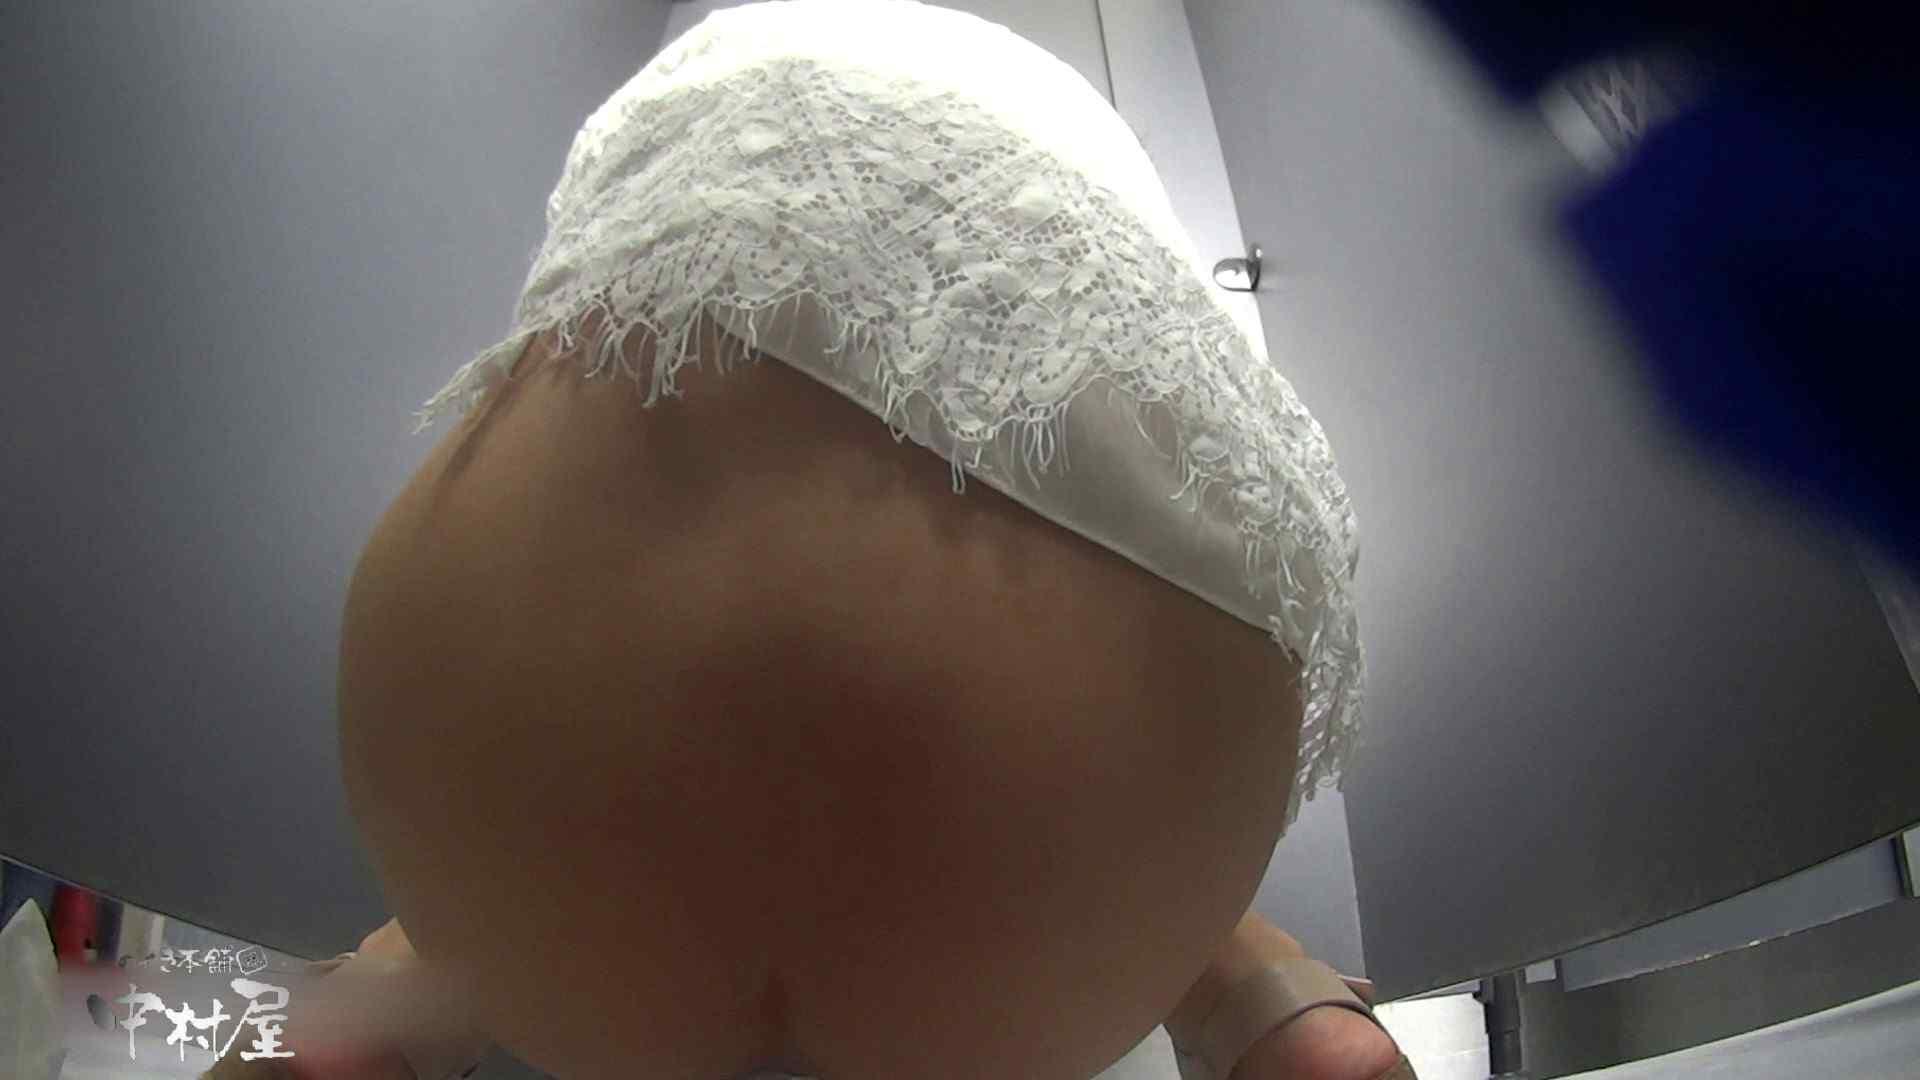 ツンデレお女市さんのトイレ事情 大学休憩時間の洗面所事情32 洗面所編 盗撮画像 110PIX 72